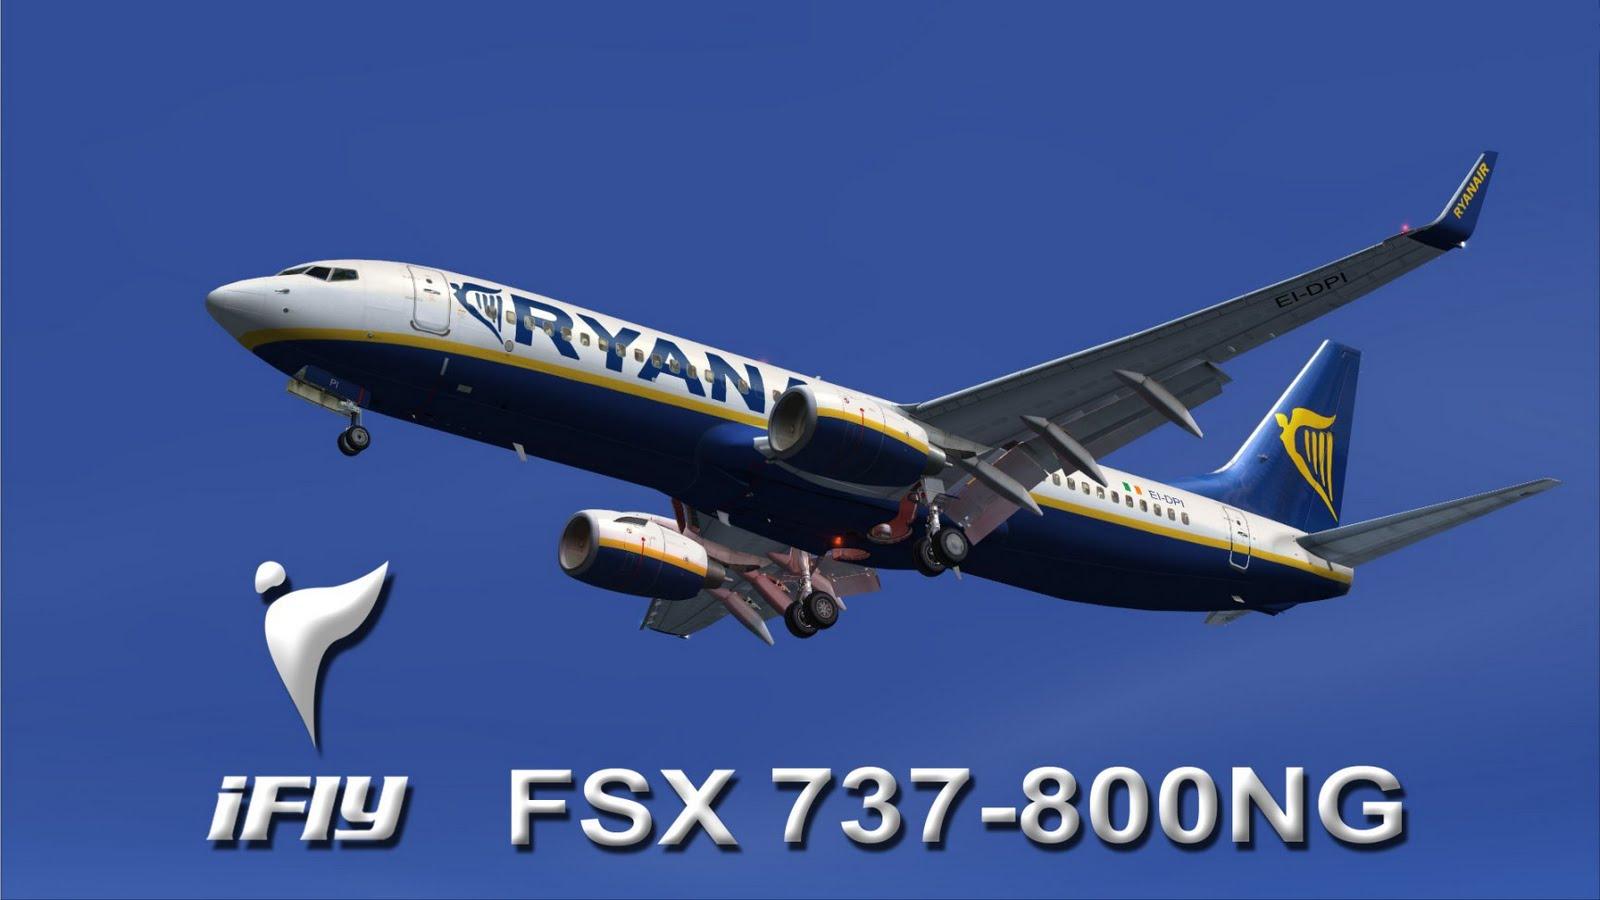 http://3.bp.blogspot.com/-omsqdYA0PFU/Tc7ATvBwFII/AAAAAAAACkw/lh1qU8jwRvQ/s1600/Ryanair_Dayforum.jpg